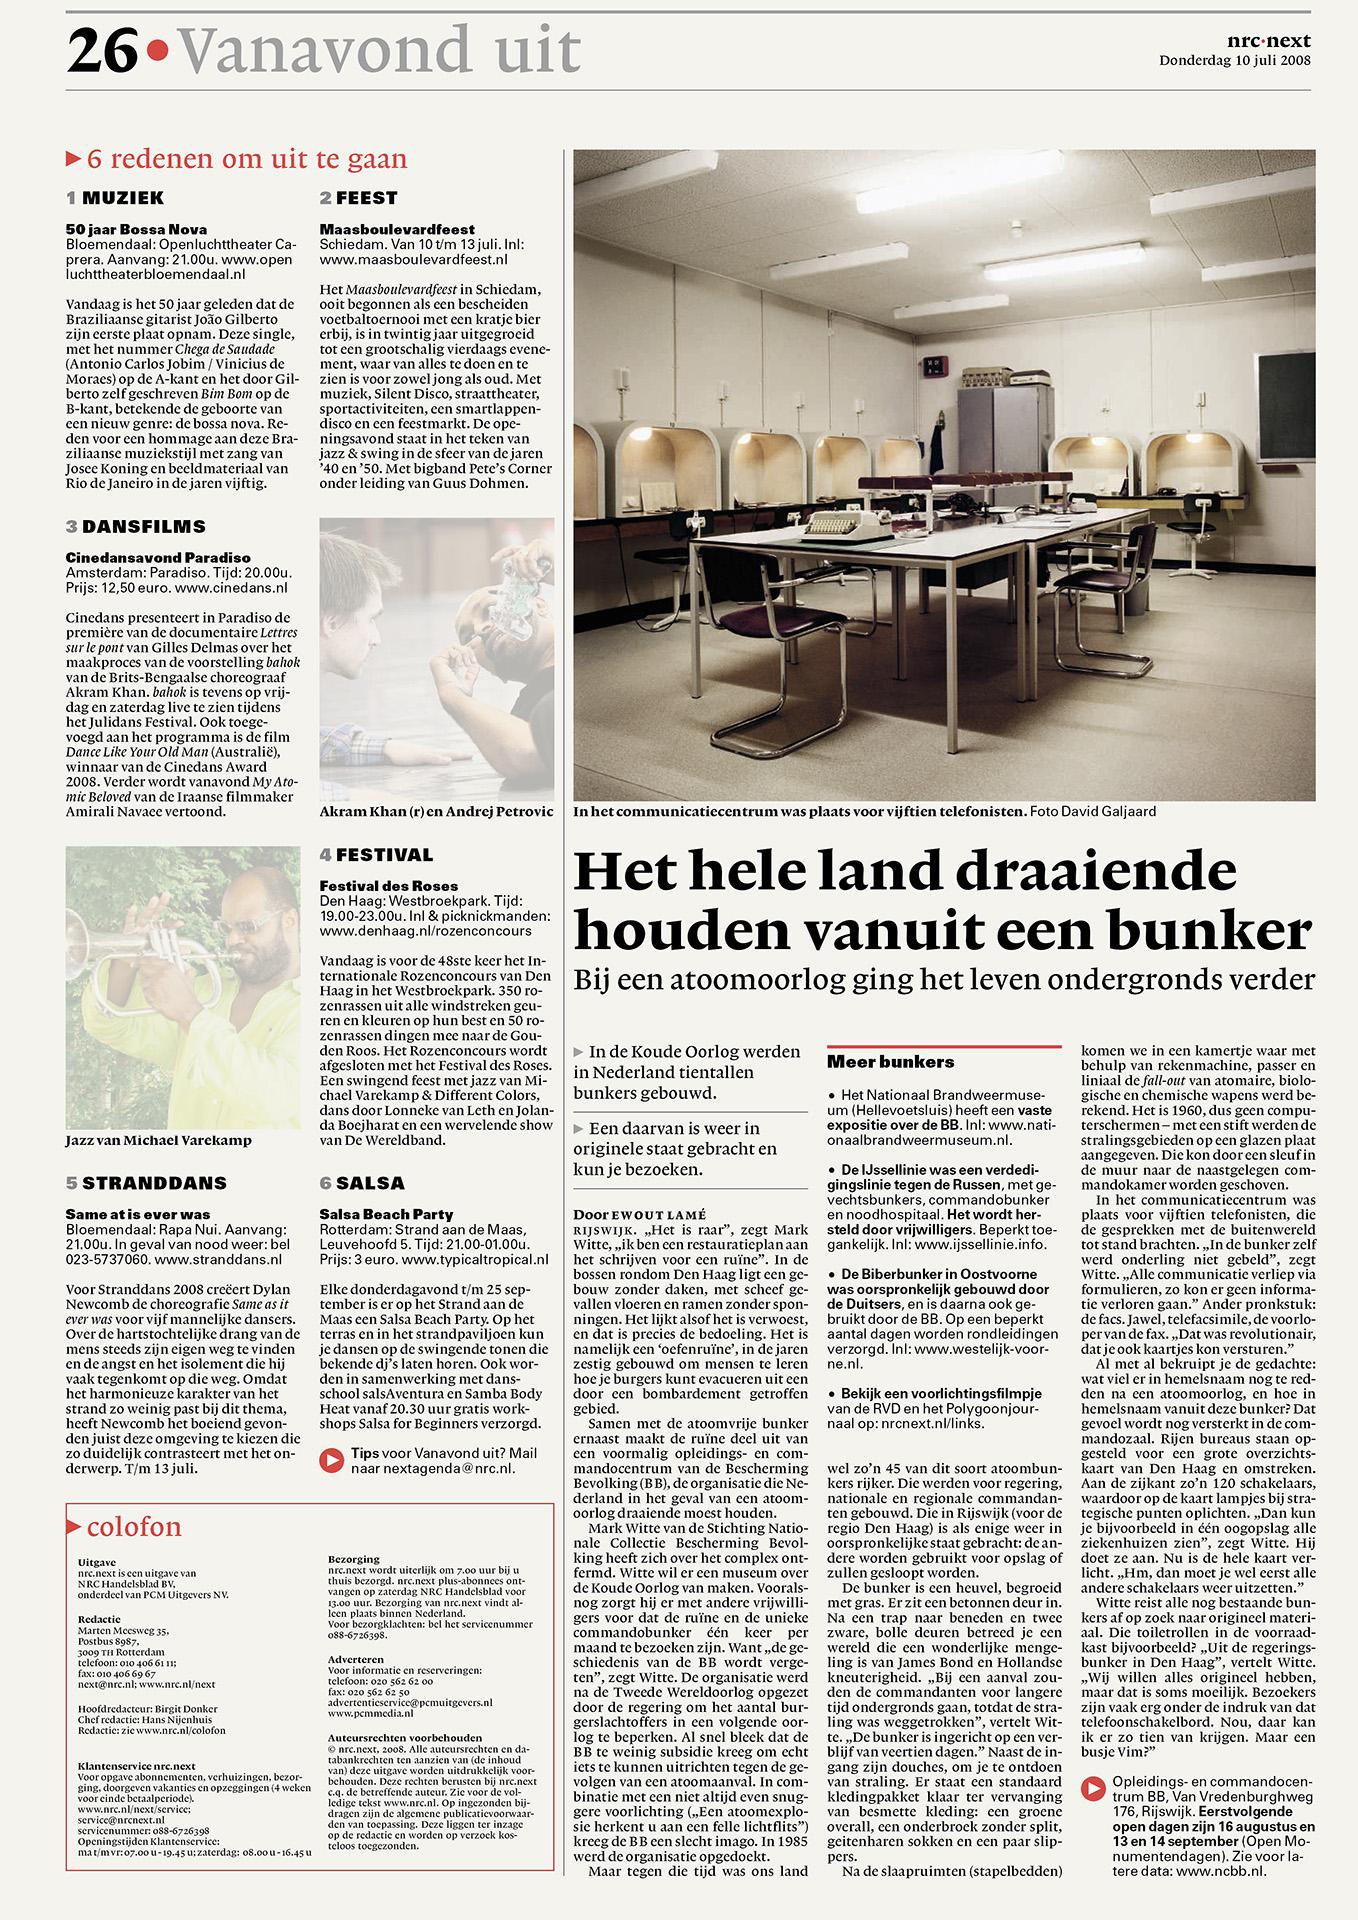 NRC Next - Bunker - Rijswijk - David Galjaard